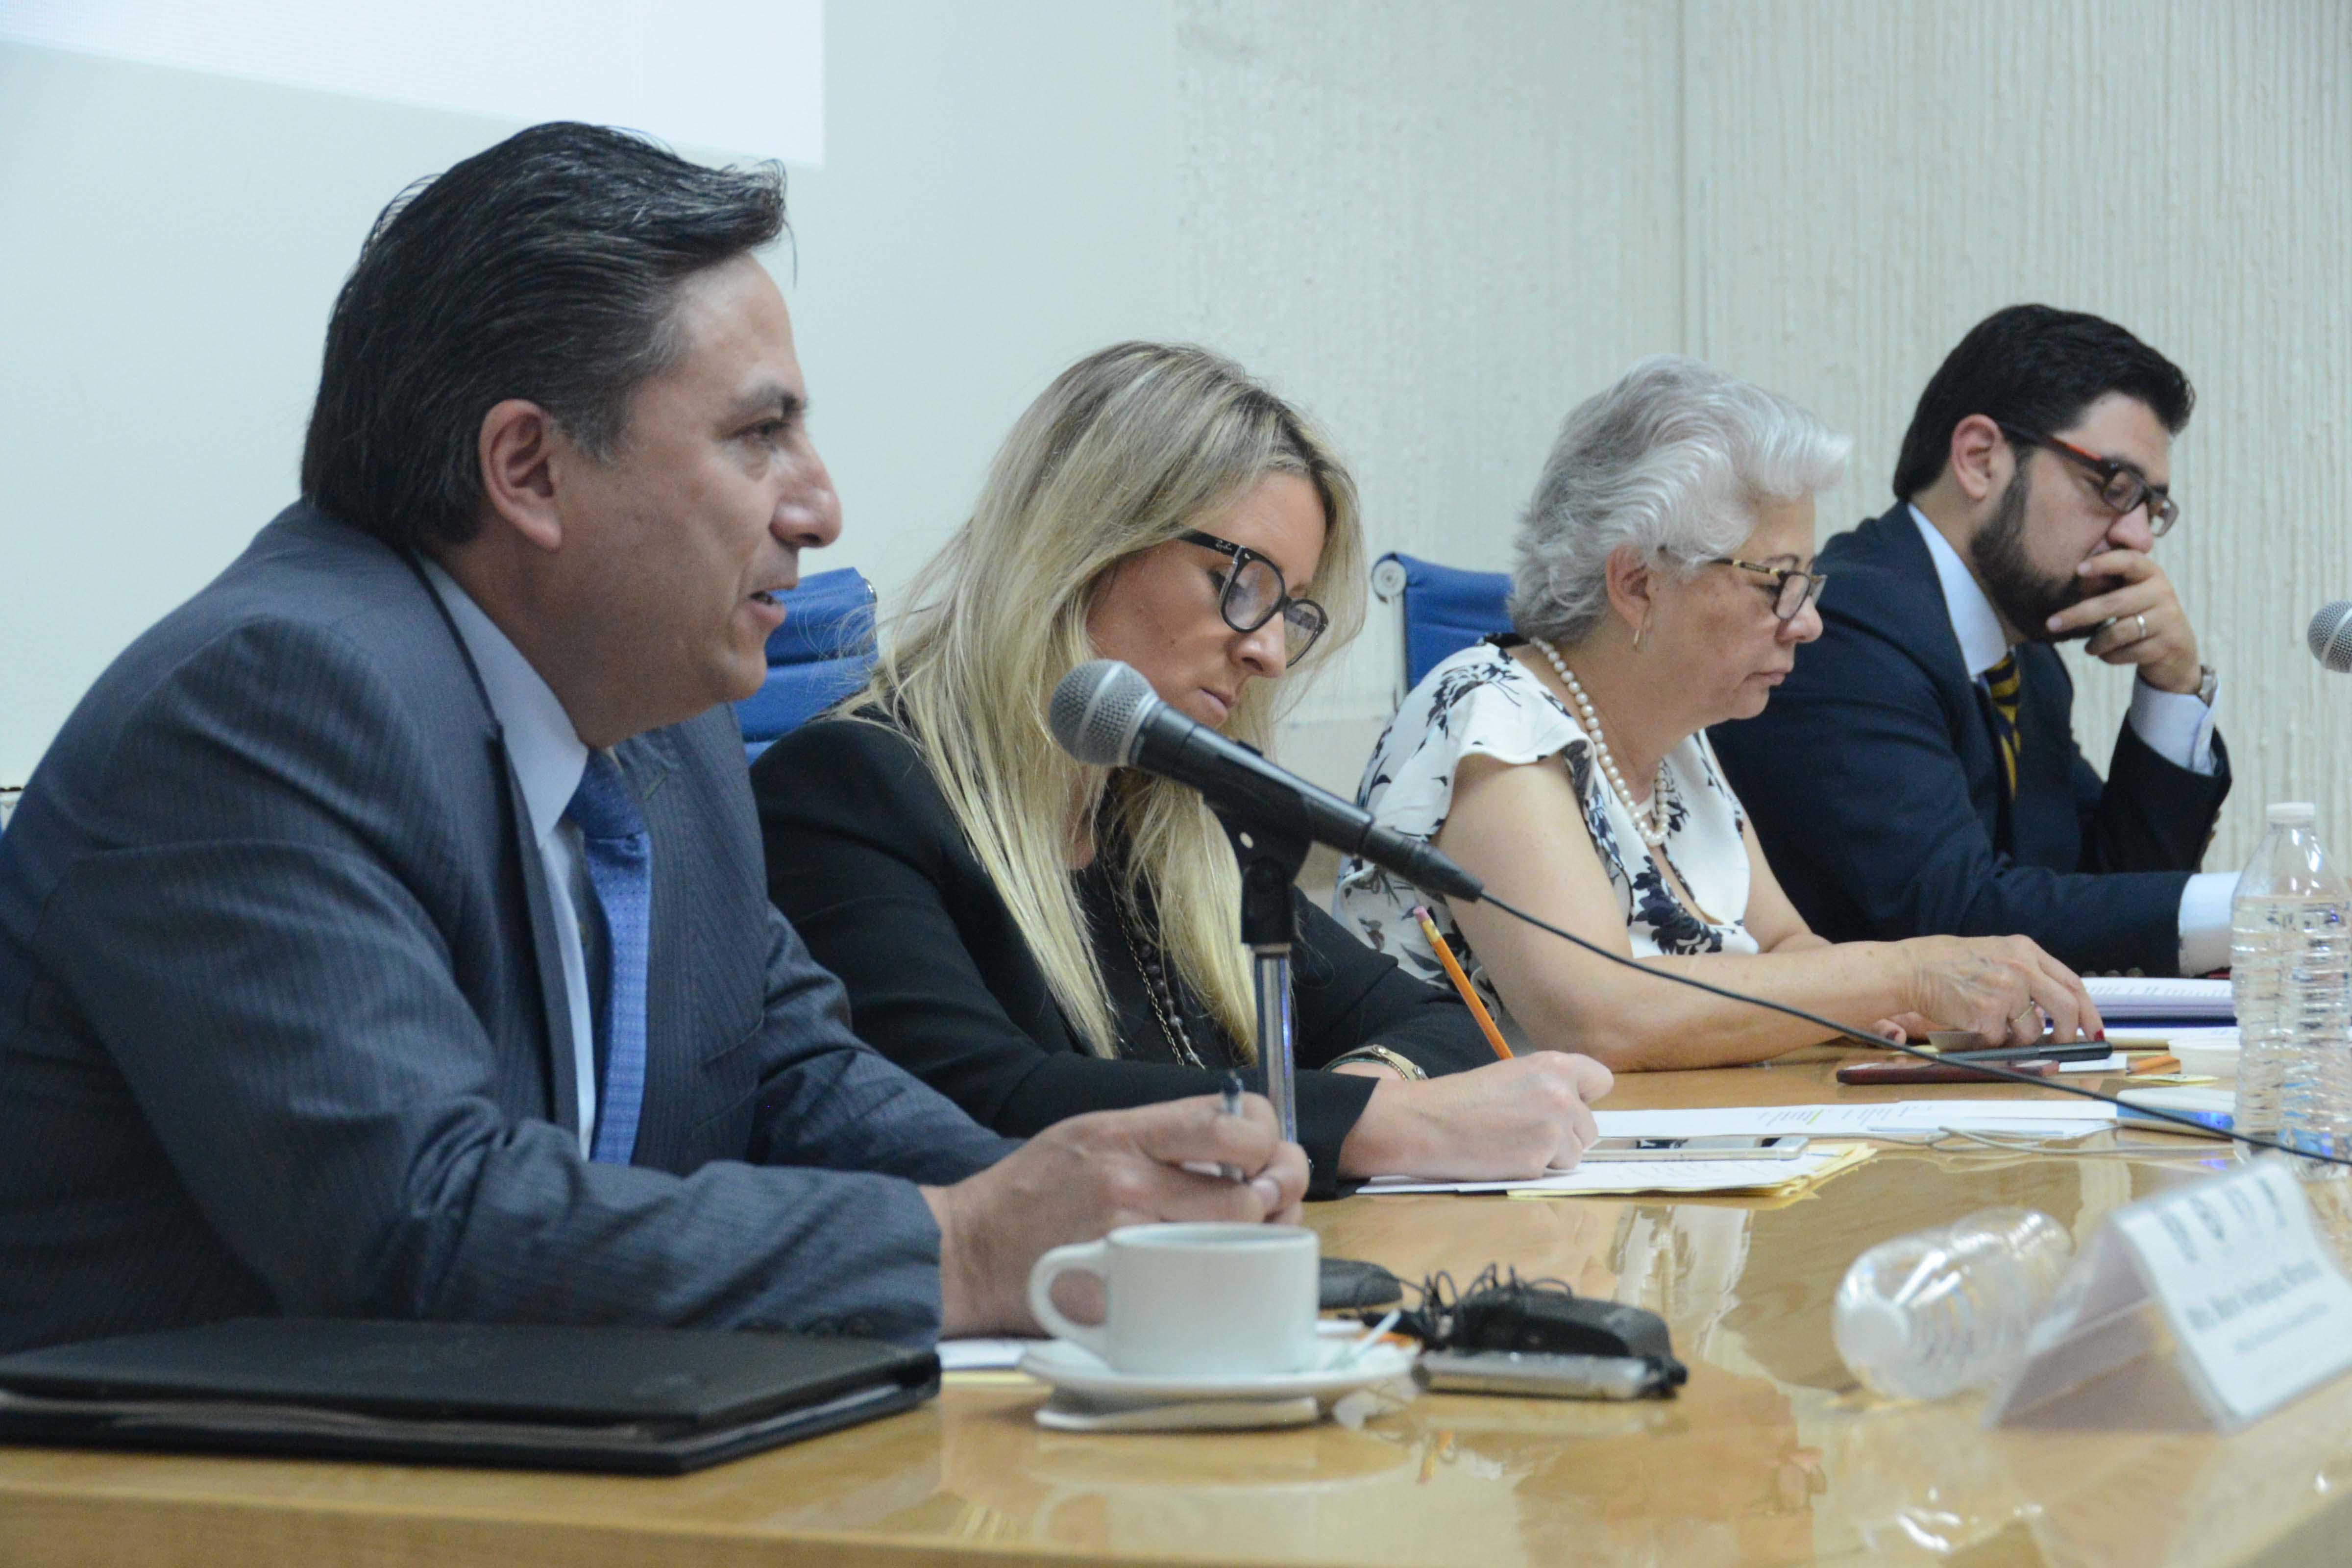 Conducirá IECM Proceso Electoral con profesionalismo, cumpliendo las disposiciones de ley y los mandatos Constitucionales